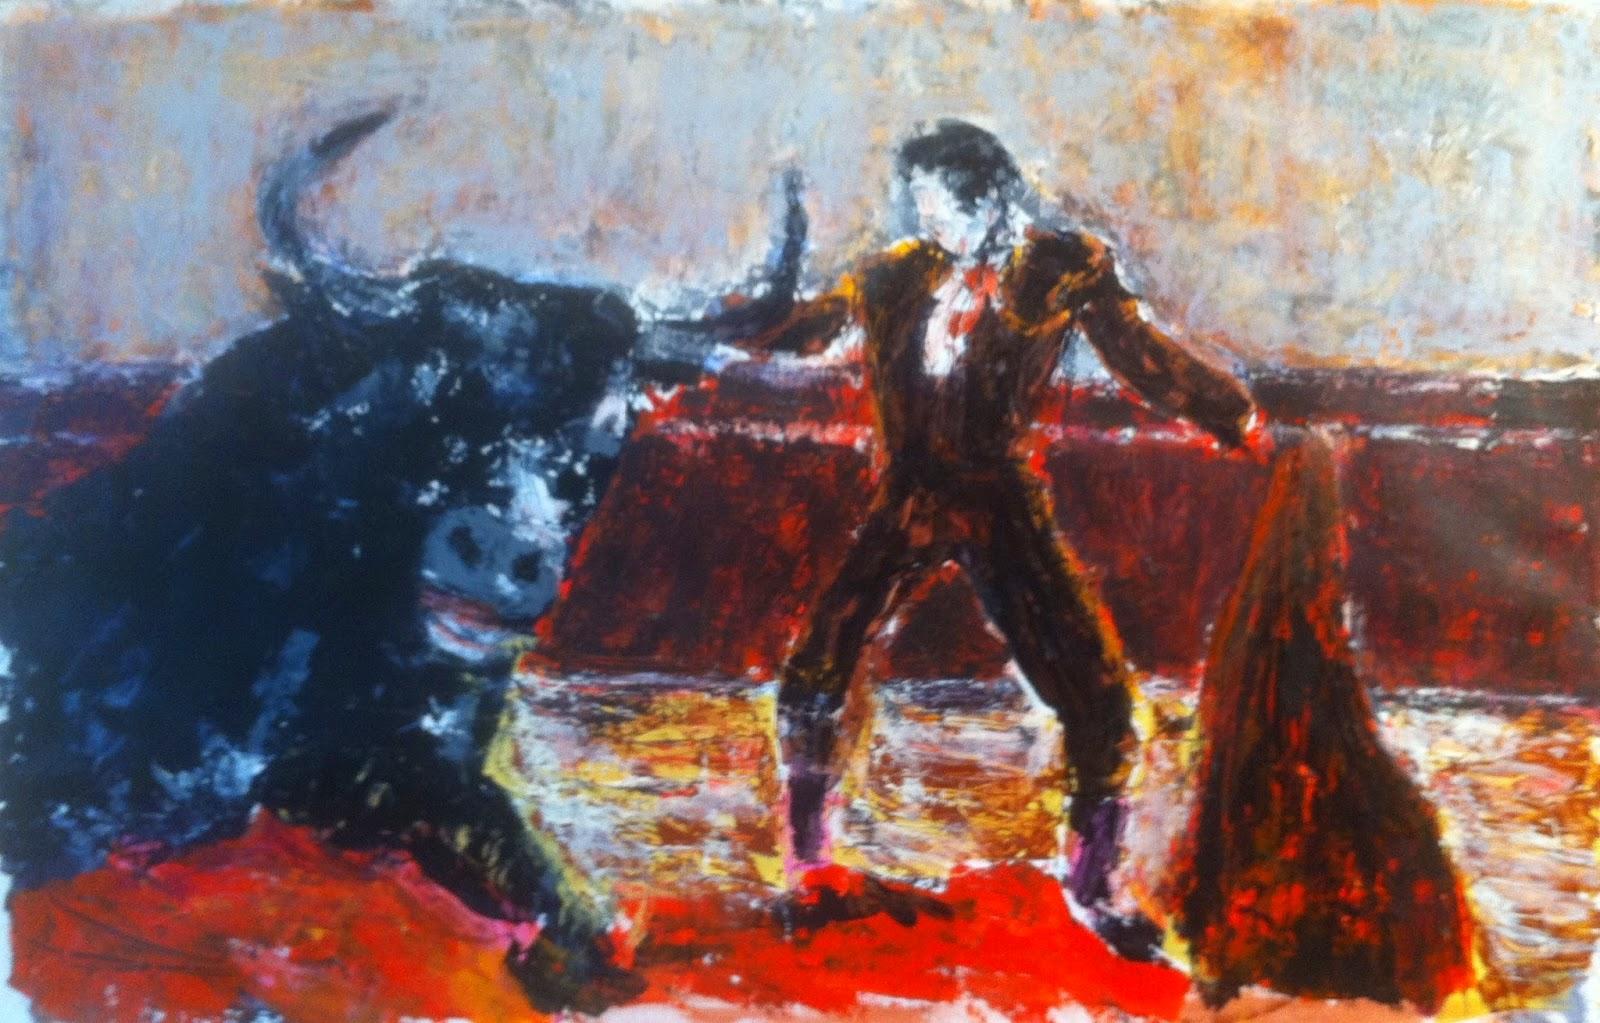 N°1573 - A las cinco - Acrylique sur papier - 65 x 100 cm - 24 septembre 2014